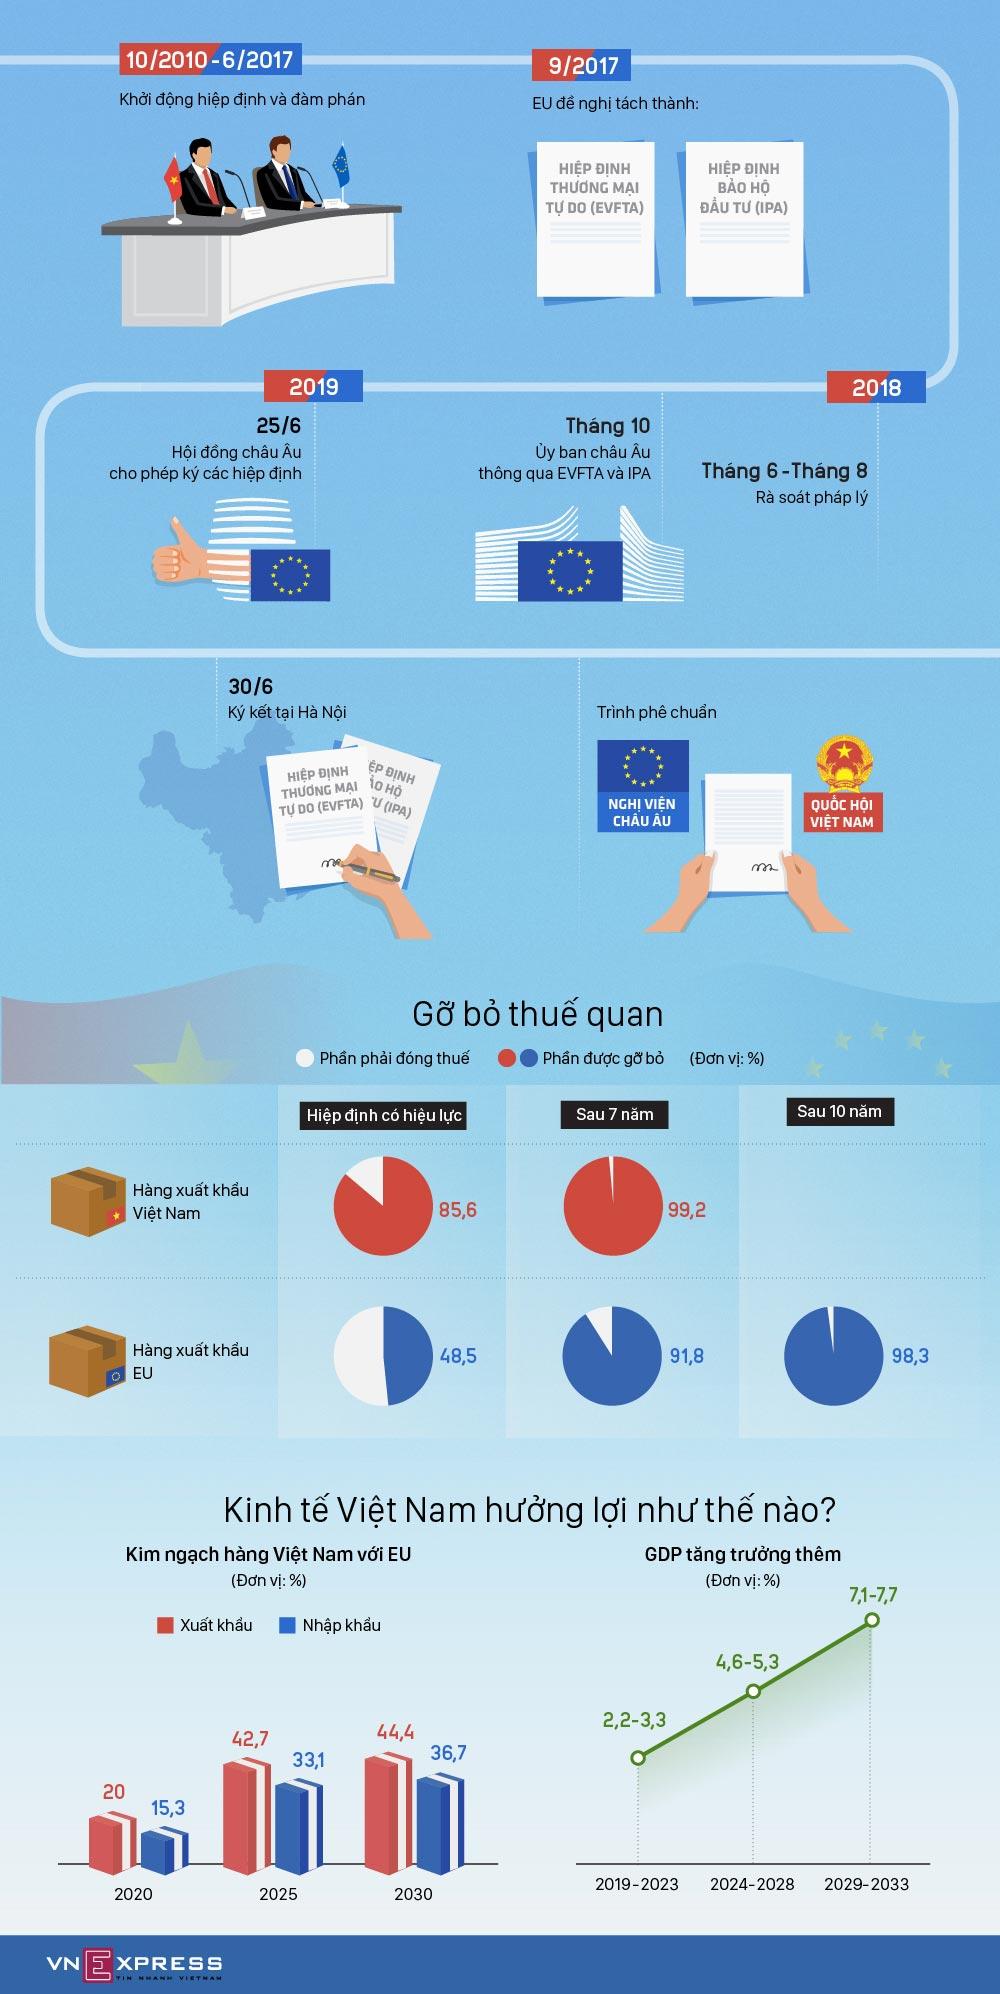 Info Graphic 9 năm đàm phán Hiệp định thương mại VIệt Nam - EU